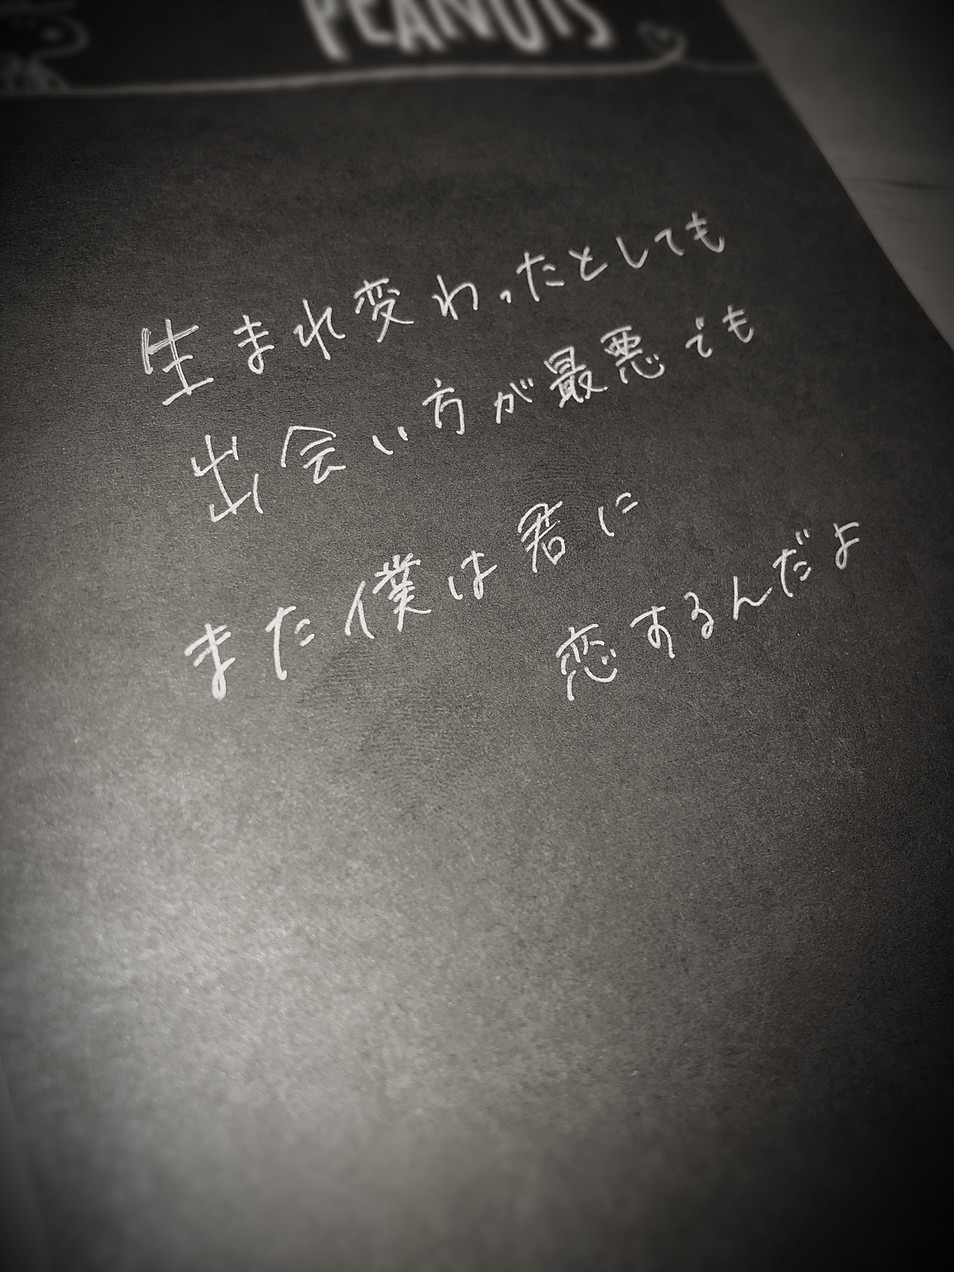 カタオモイ Aimer 78524367 完全無料画像検索のプリ画像 Bygmo